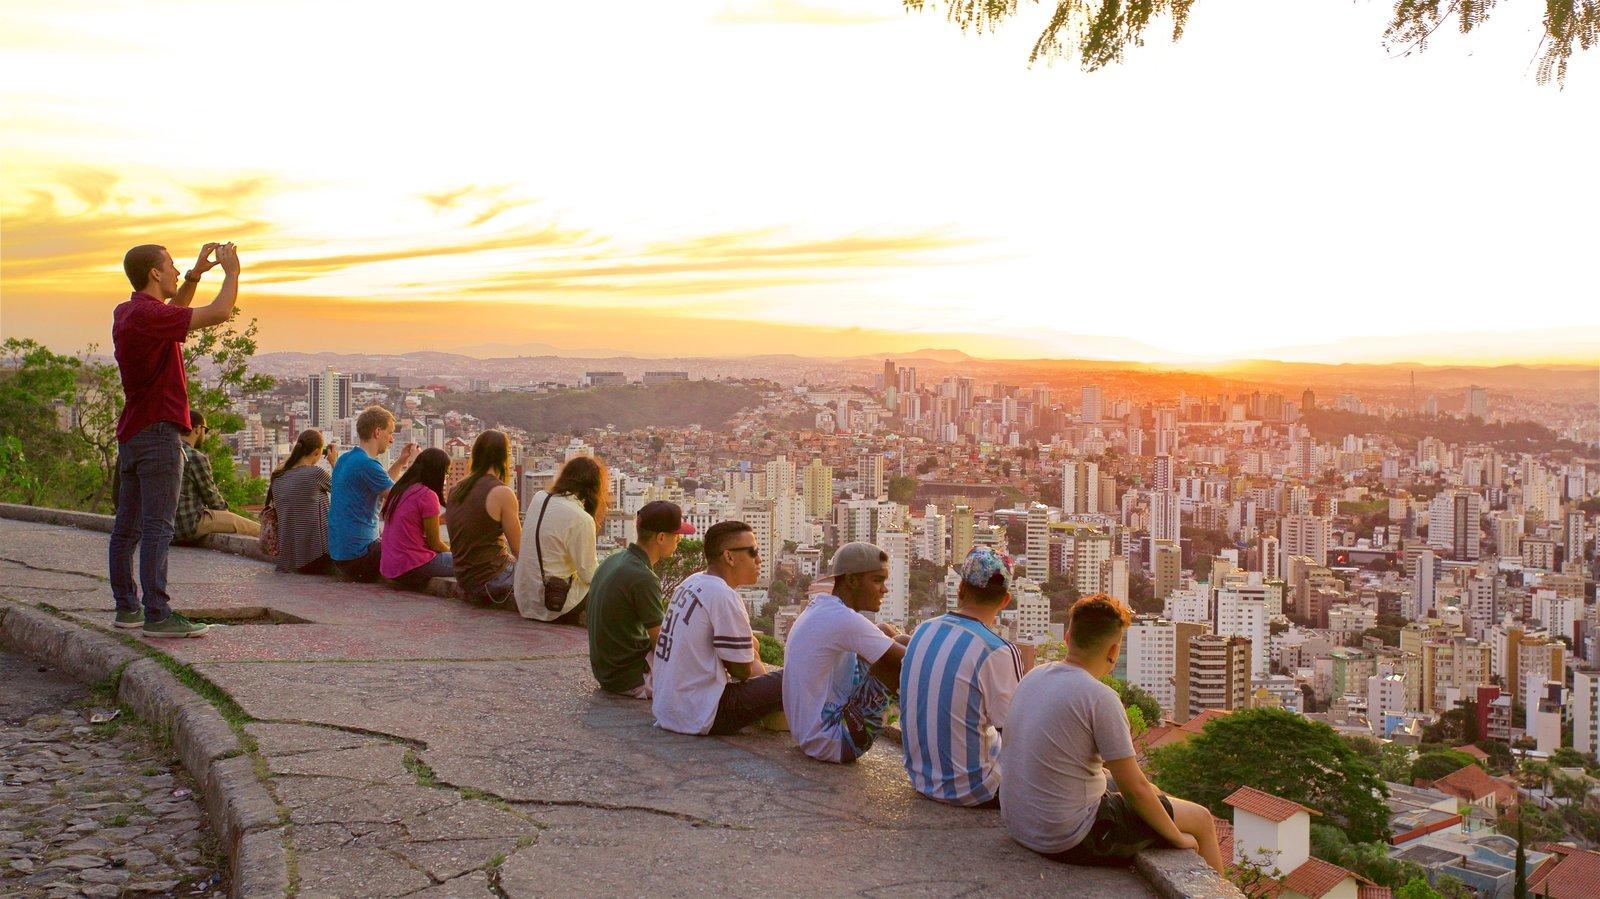 Belo Horizonte caracterizando um pôr do sol, paisagem e paisagens